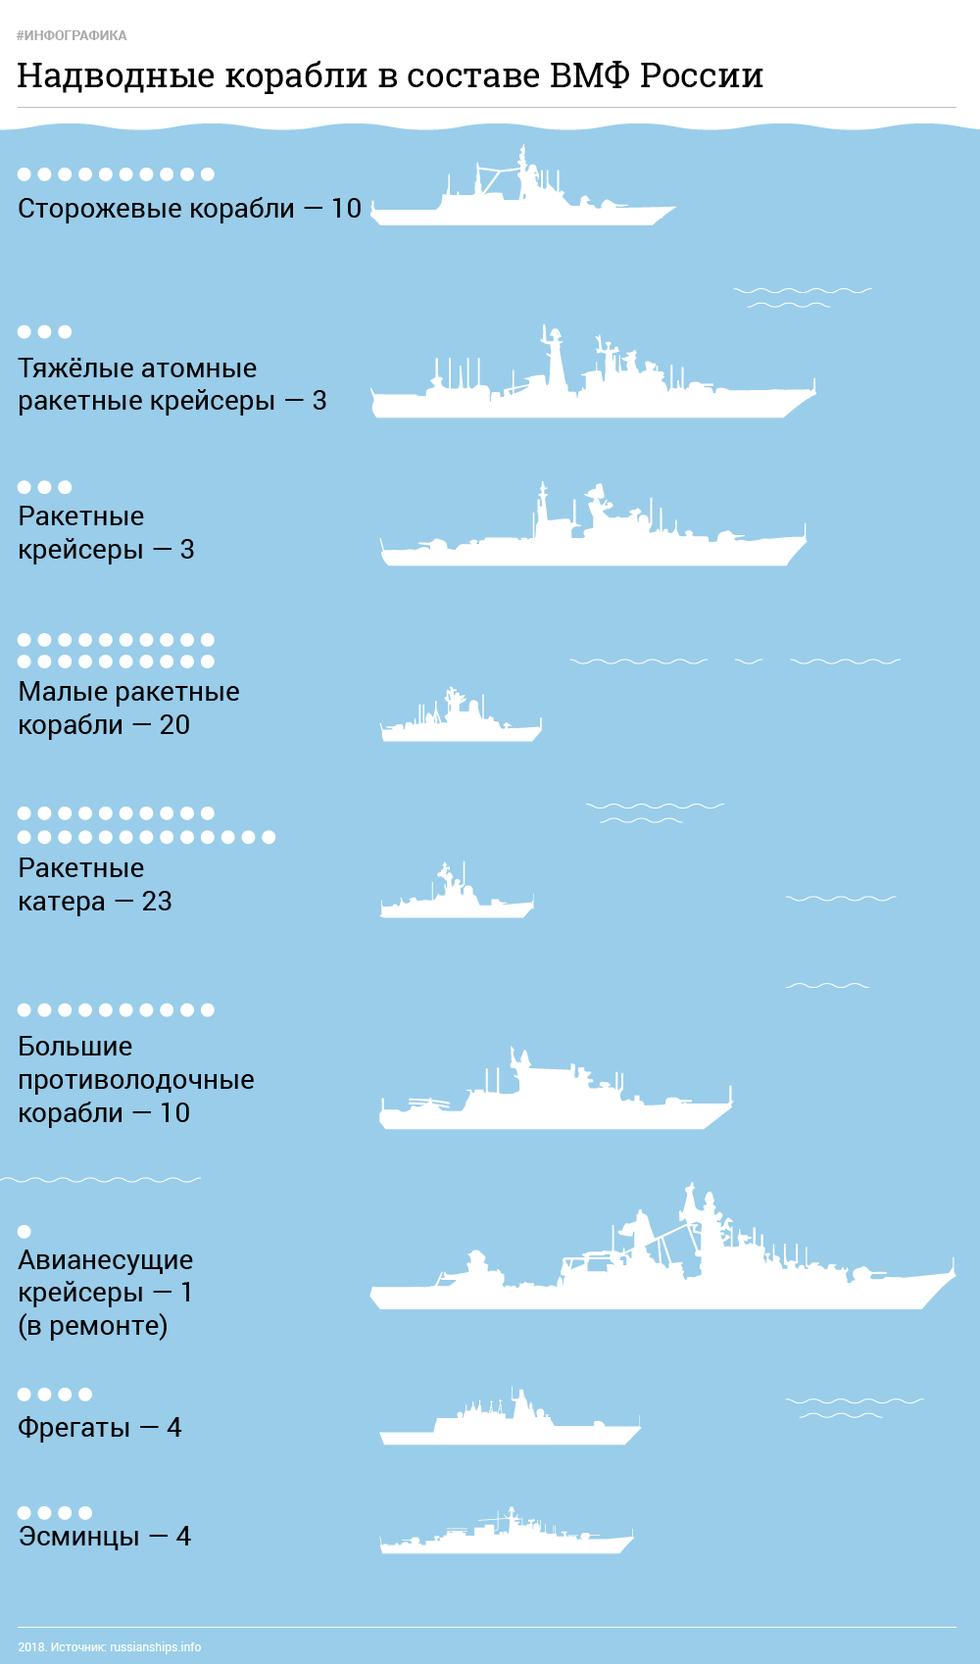 корабельные правила вмф